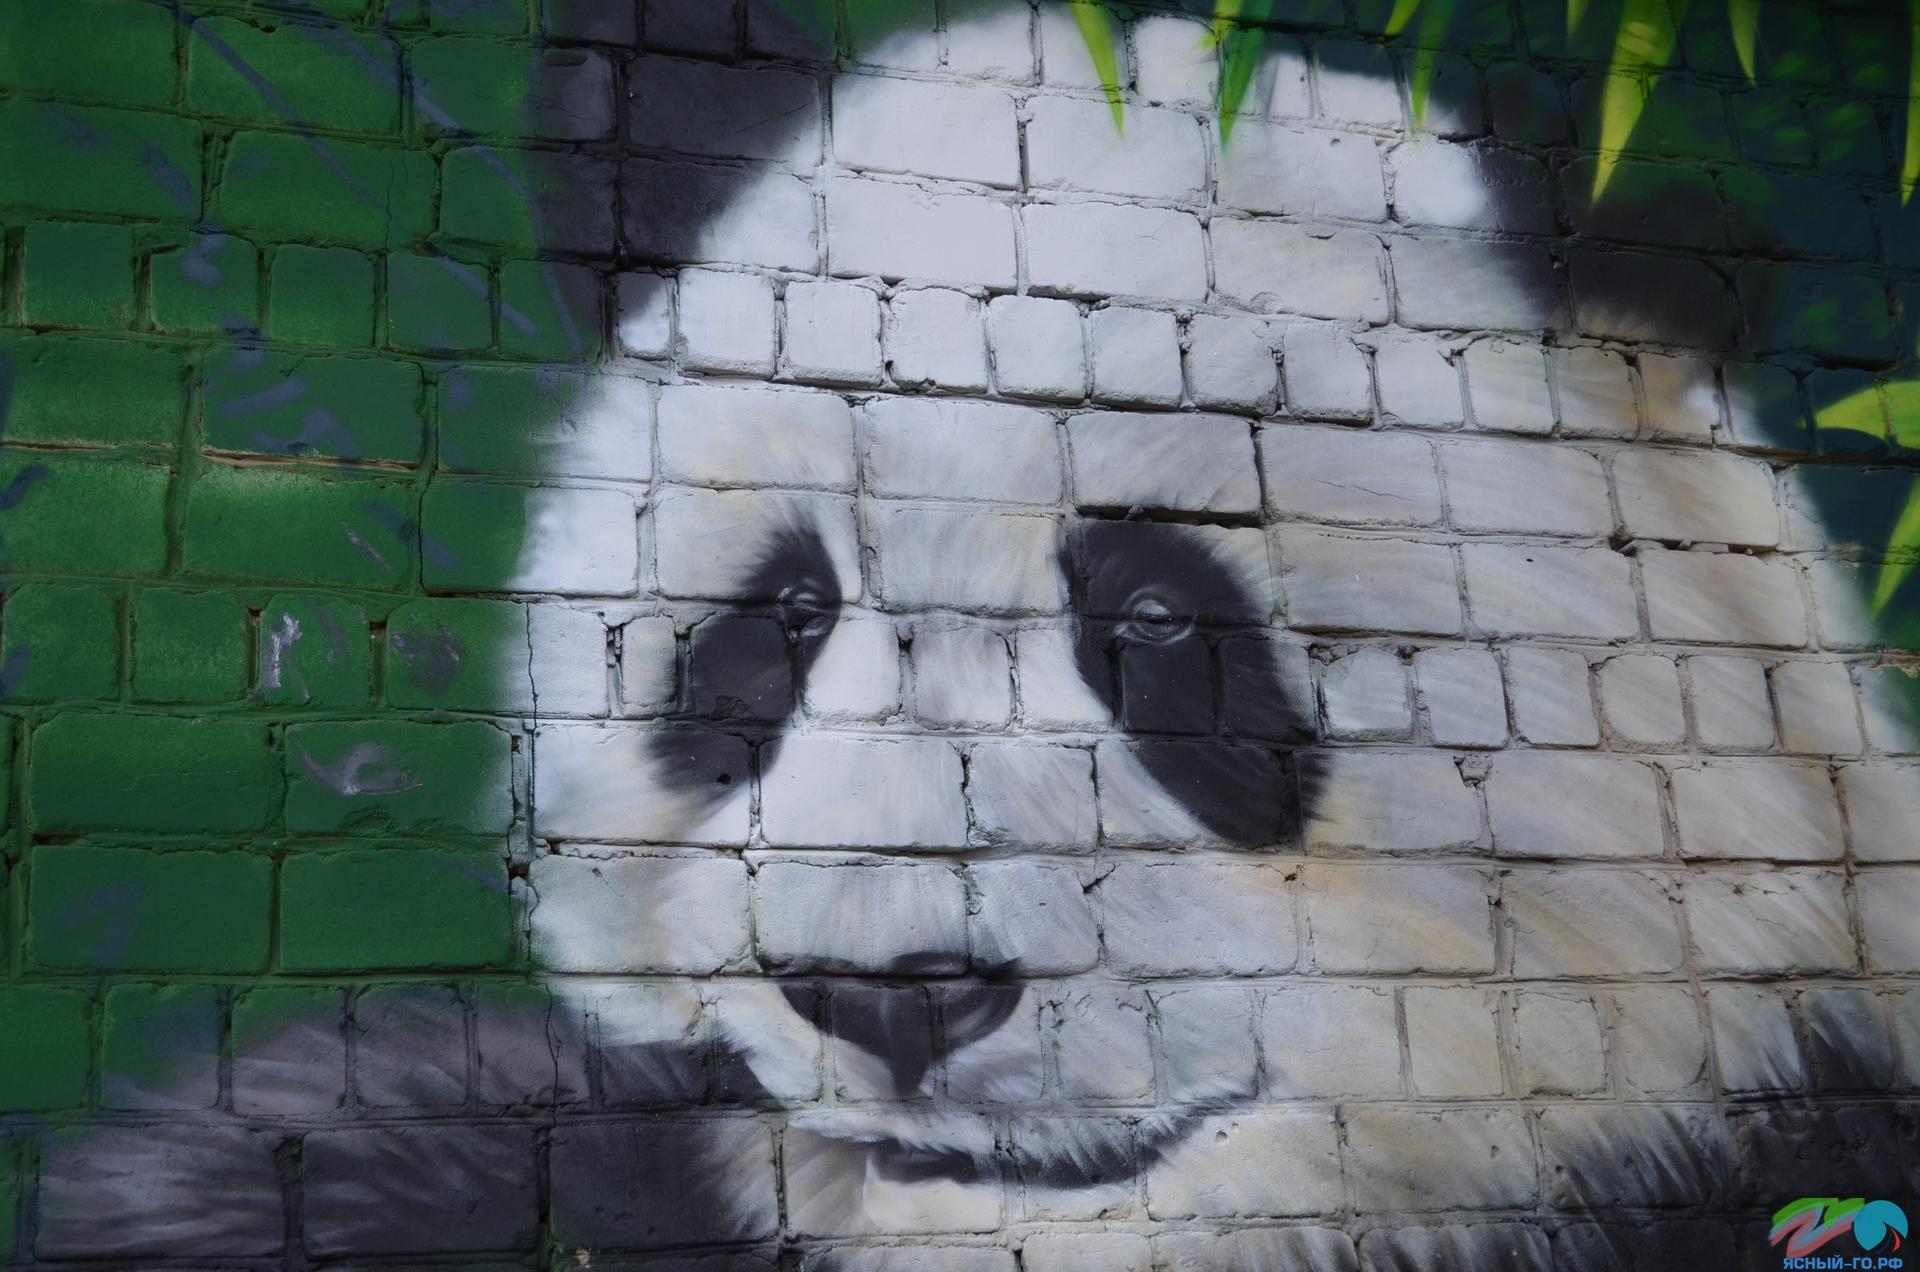 Оренбургская область, Ясный, город Ясный, малые города, фестиваль Город-Арт, фестивали Урала, интересное на Урале, фестиваль граффити, Малые города - удивительные достопримечательности,